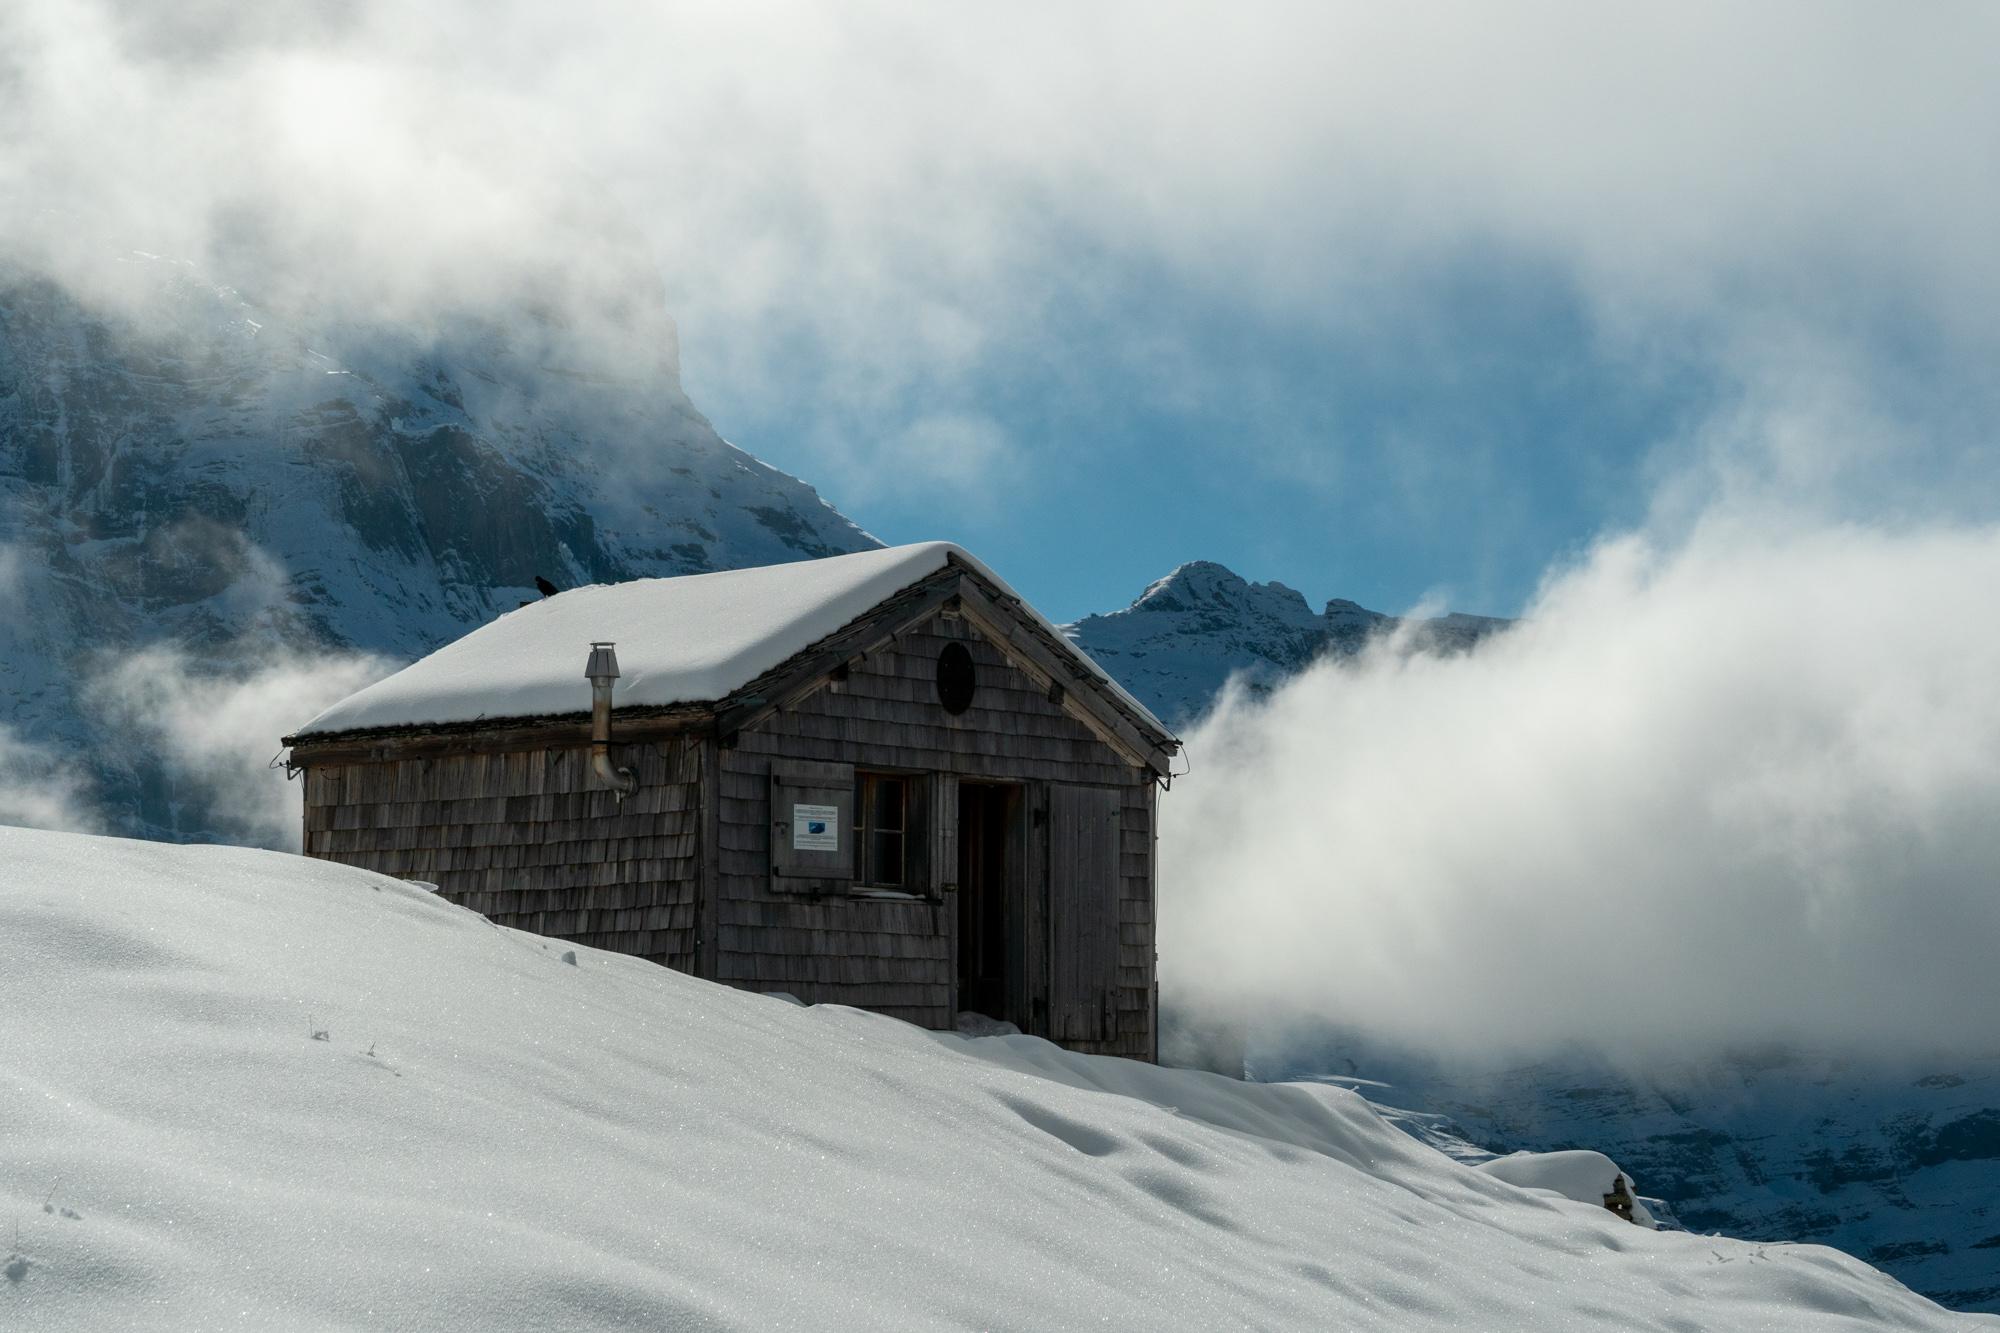 Luminen mökki vuorilla